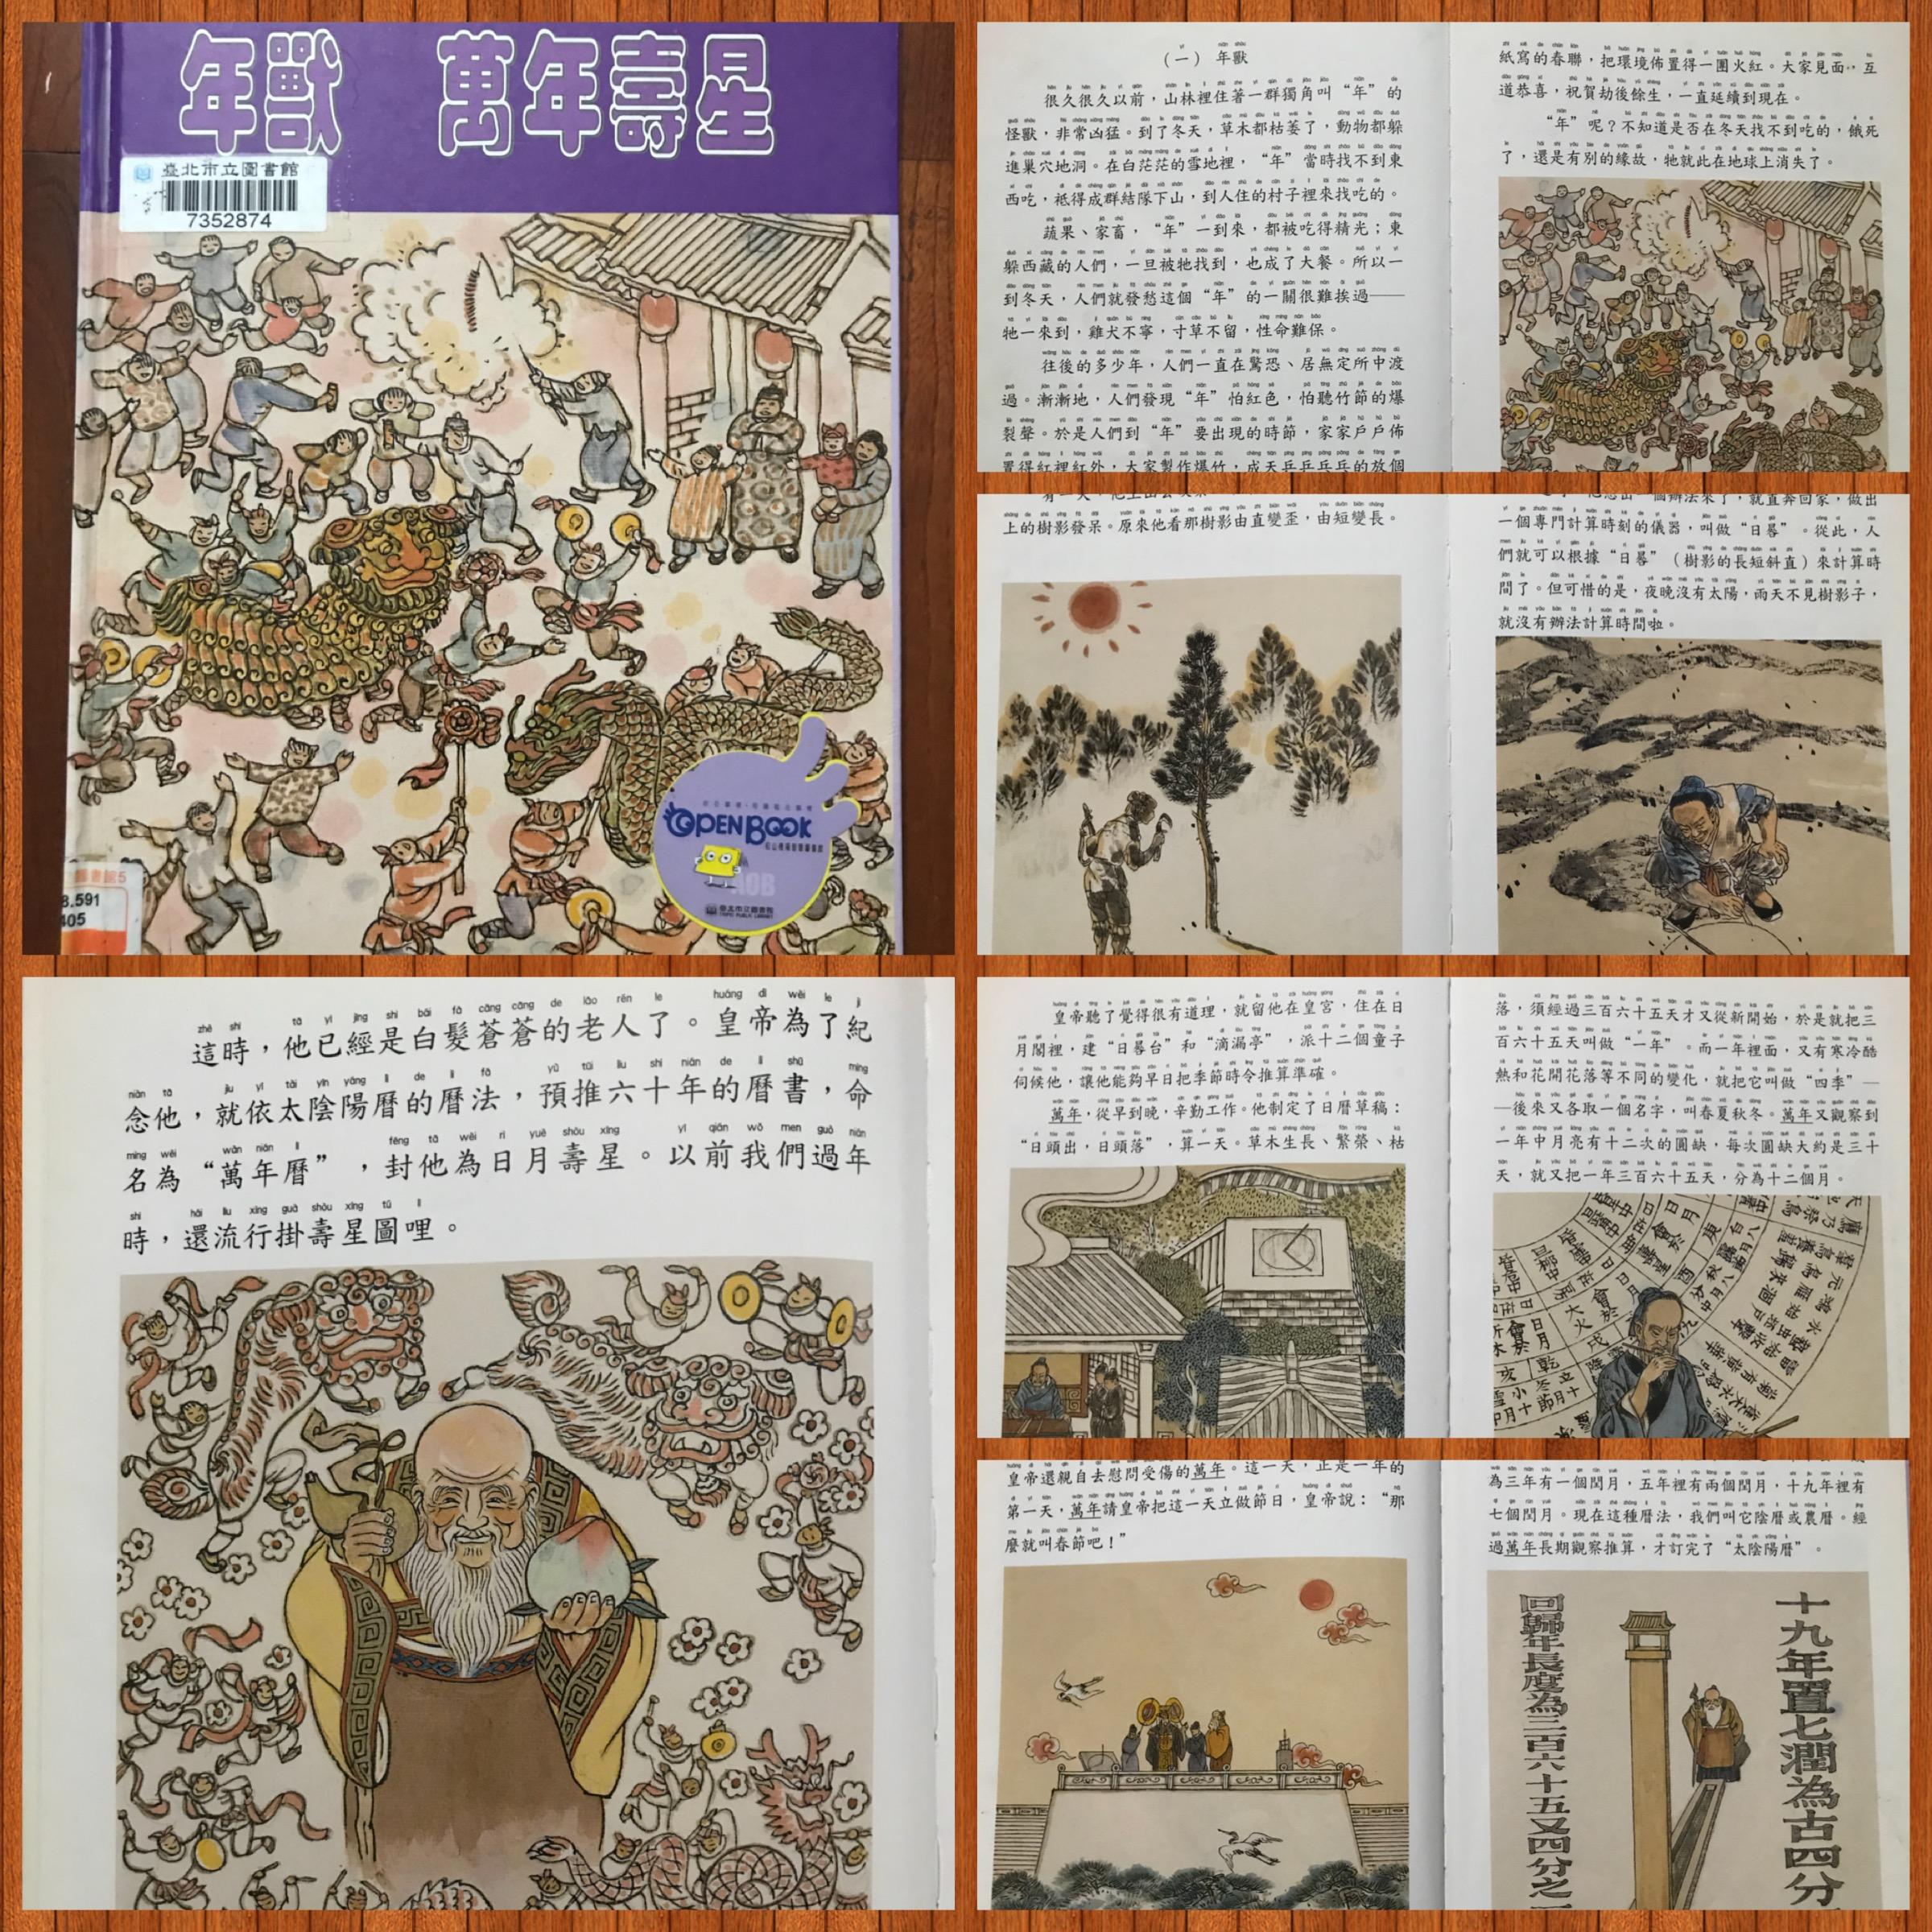 2019.1.25《民俗節日故事1:春節:年獸 & 萬年壽星》 | 3PM